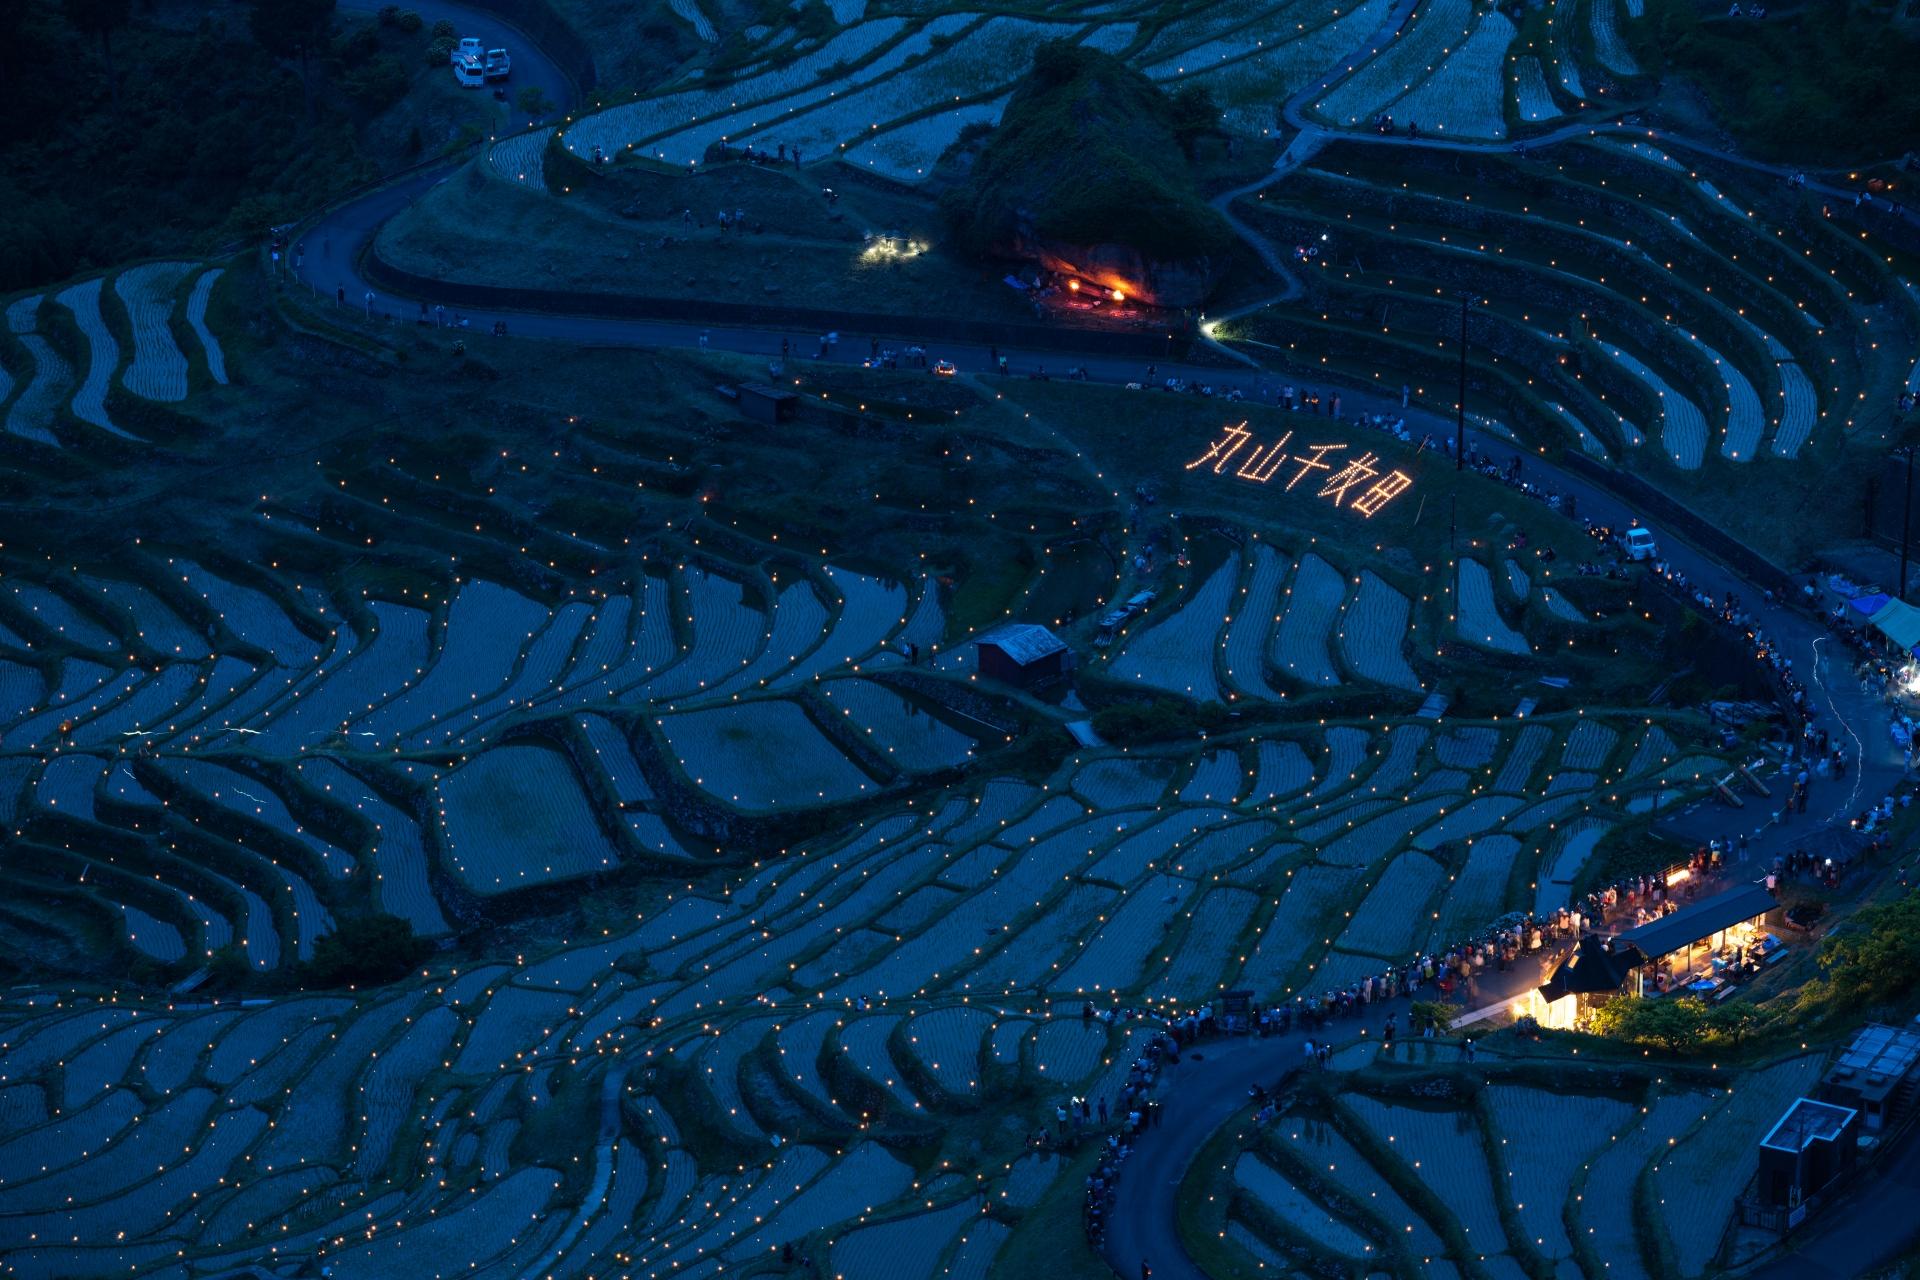 3940197_m 三重県 丸山千枚田(1340枚もの田が連なる日本最大級の絶景棚田スポット! 写真の紹介、アクセス情報など)